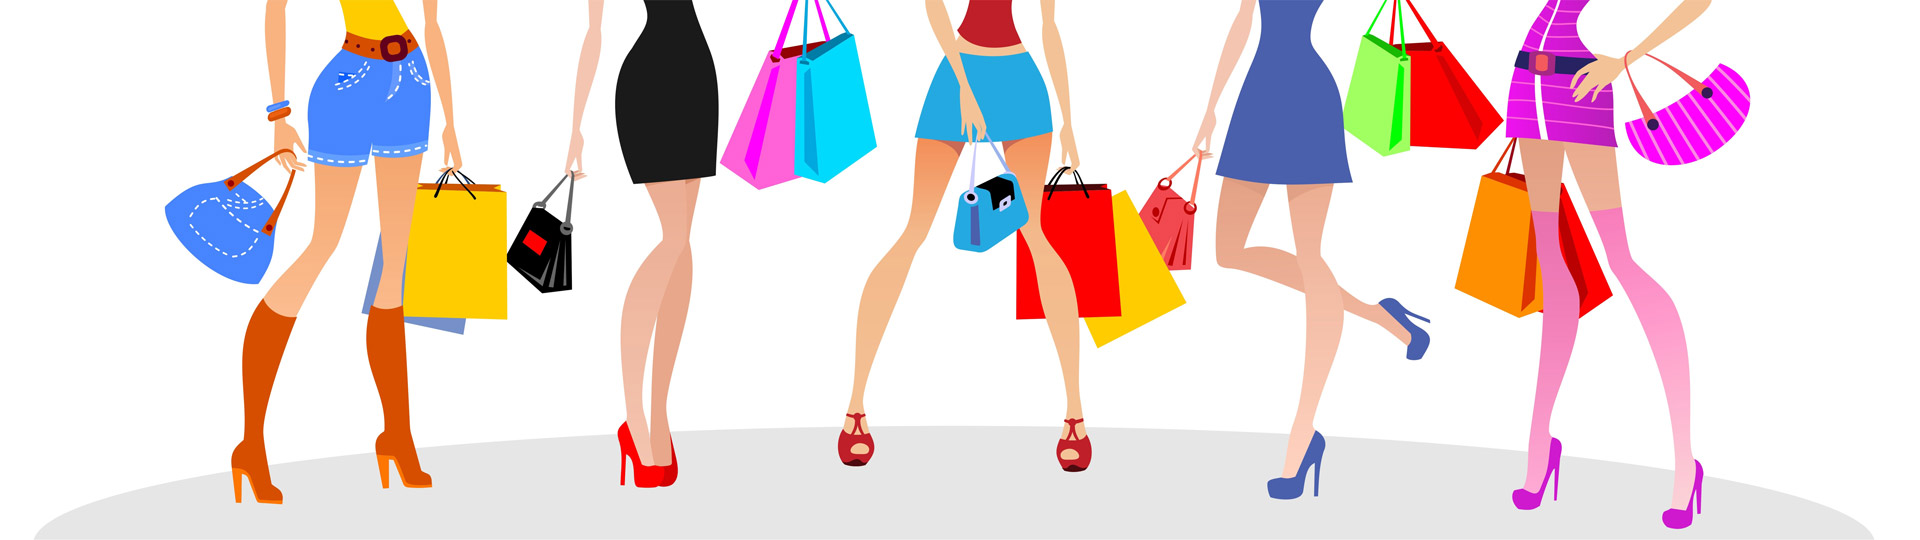 Shopping Bilder